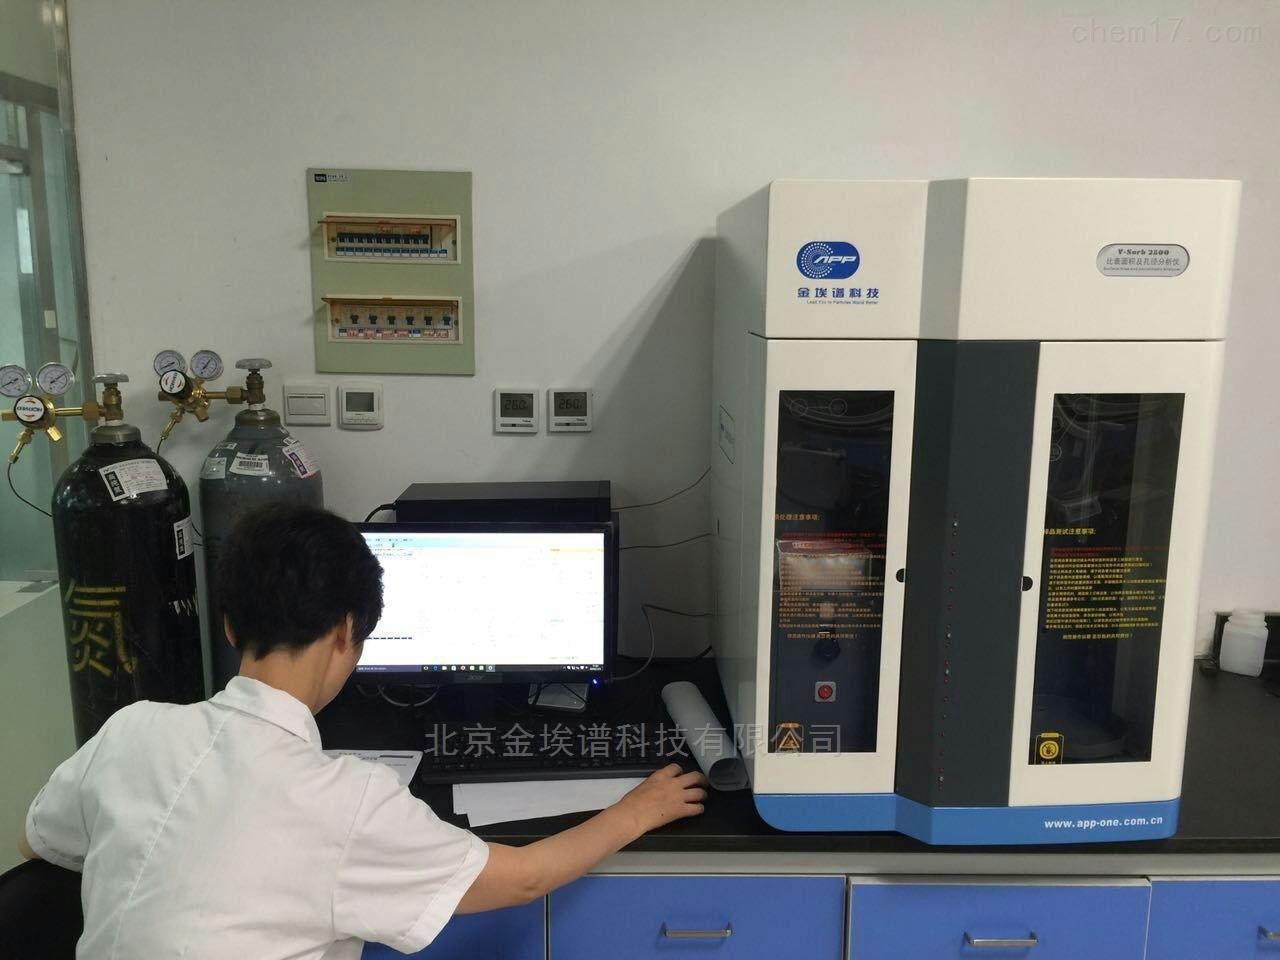 孔结构分布检测仪 全自动静态容量法